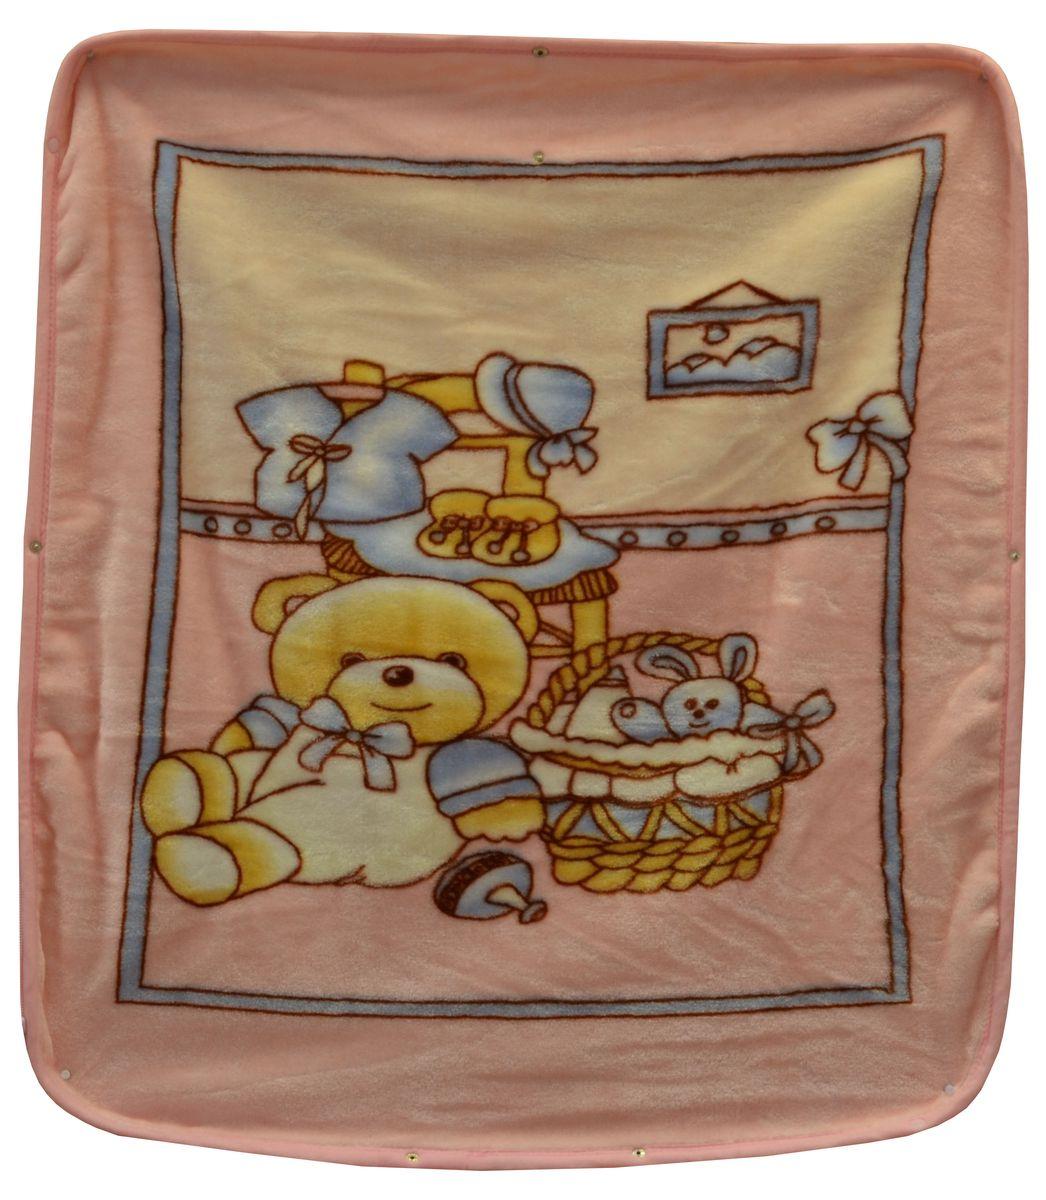 Bonne Fee Плед-накидка для младенцев на молнии 2, 80 х 90 см, цвет: розовыйОНДК/300-роз2Плед-накидка для младенцев на молнии Bonne Fee - защита, тепло и комфорт для малышей - использован надёжный, качественный и мягкий материал! Удобство и спокойствие для родителей обеспечивается универсальностью пледа-накидки, конструкция которого позволяет ему легко превращаться в конвертик. Отличное качество и практичность! Любите своего ребёнка и дарите ему лучшее!